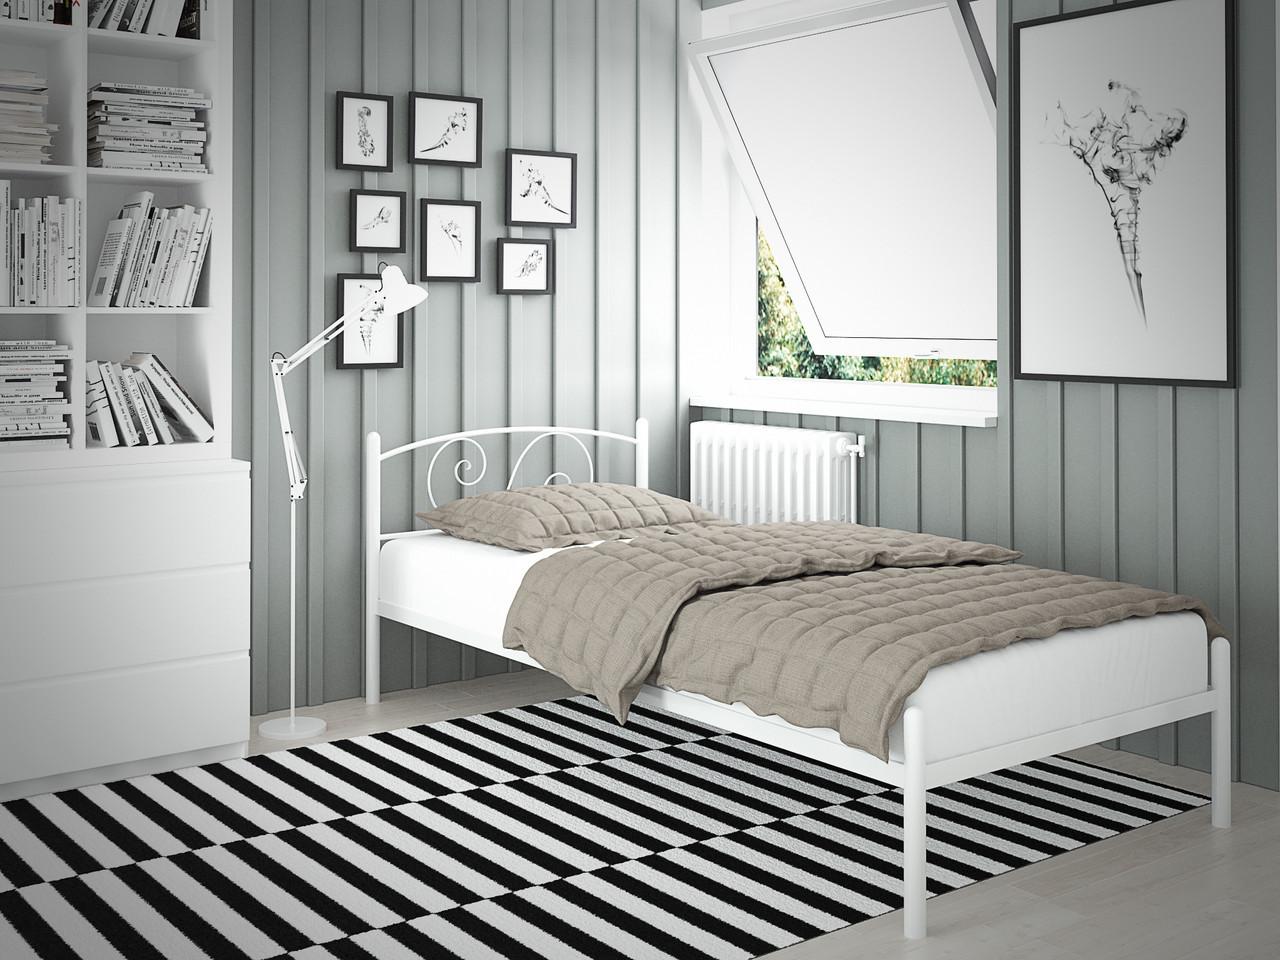 Кровать металлическая Виола (мини)